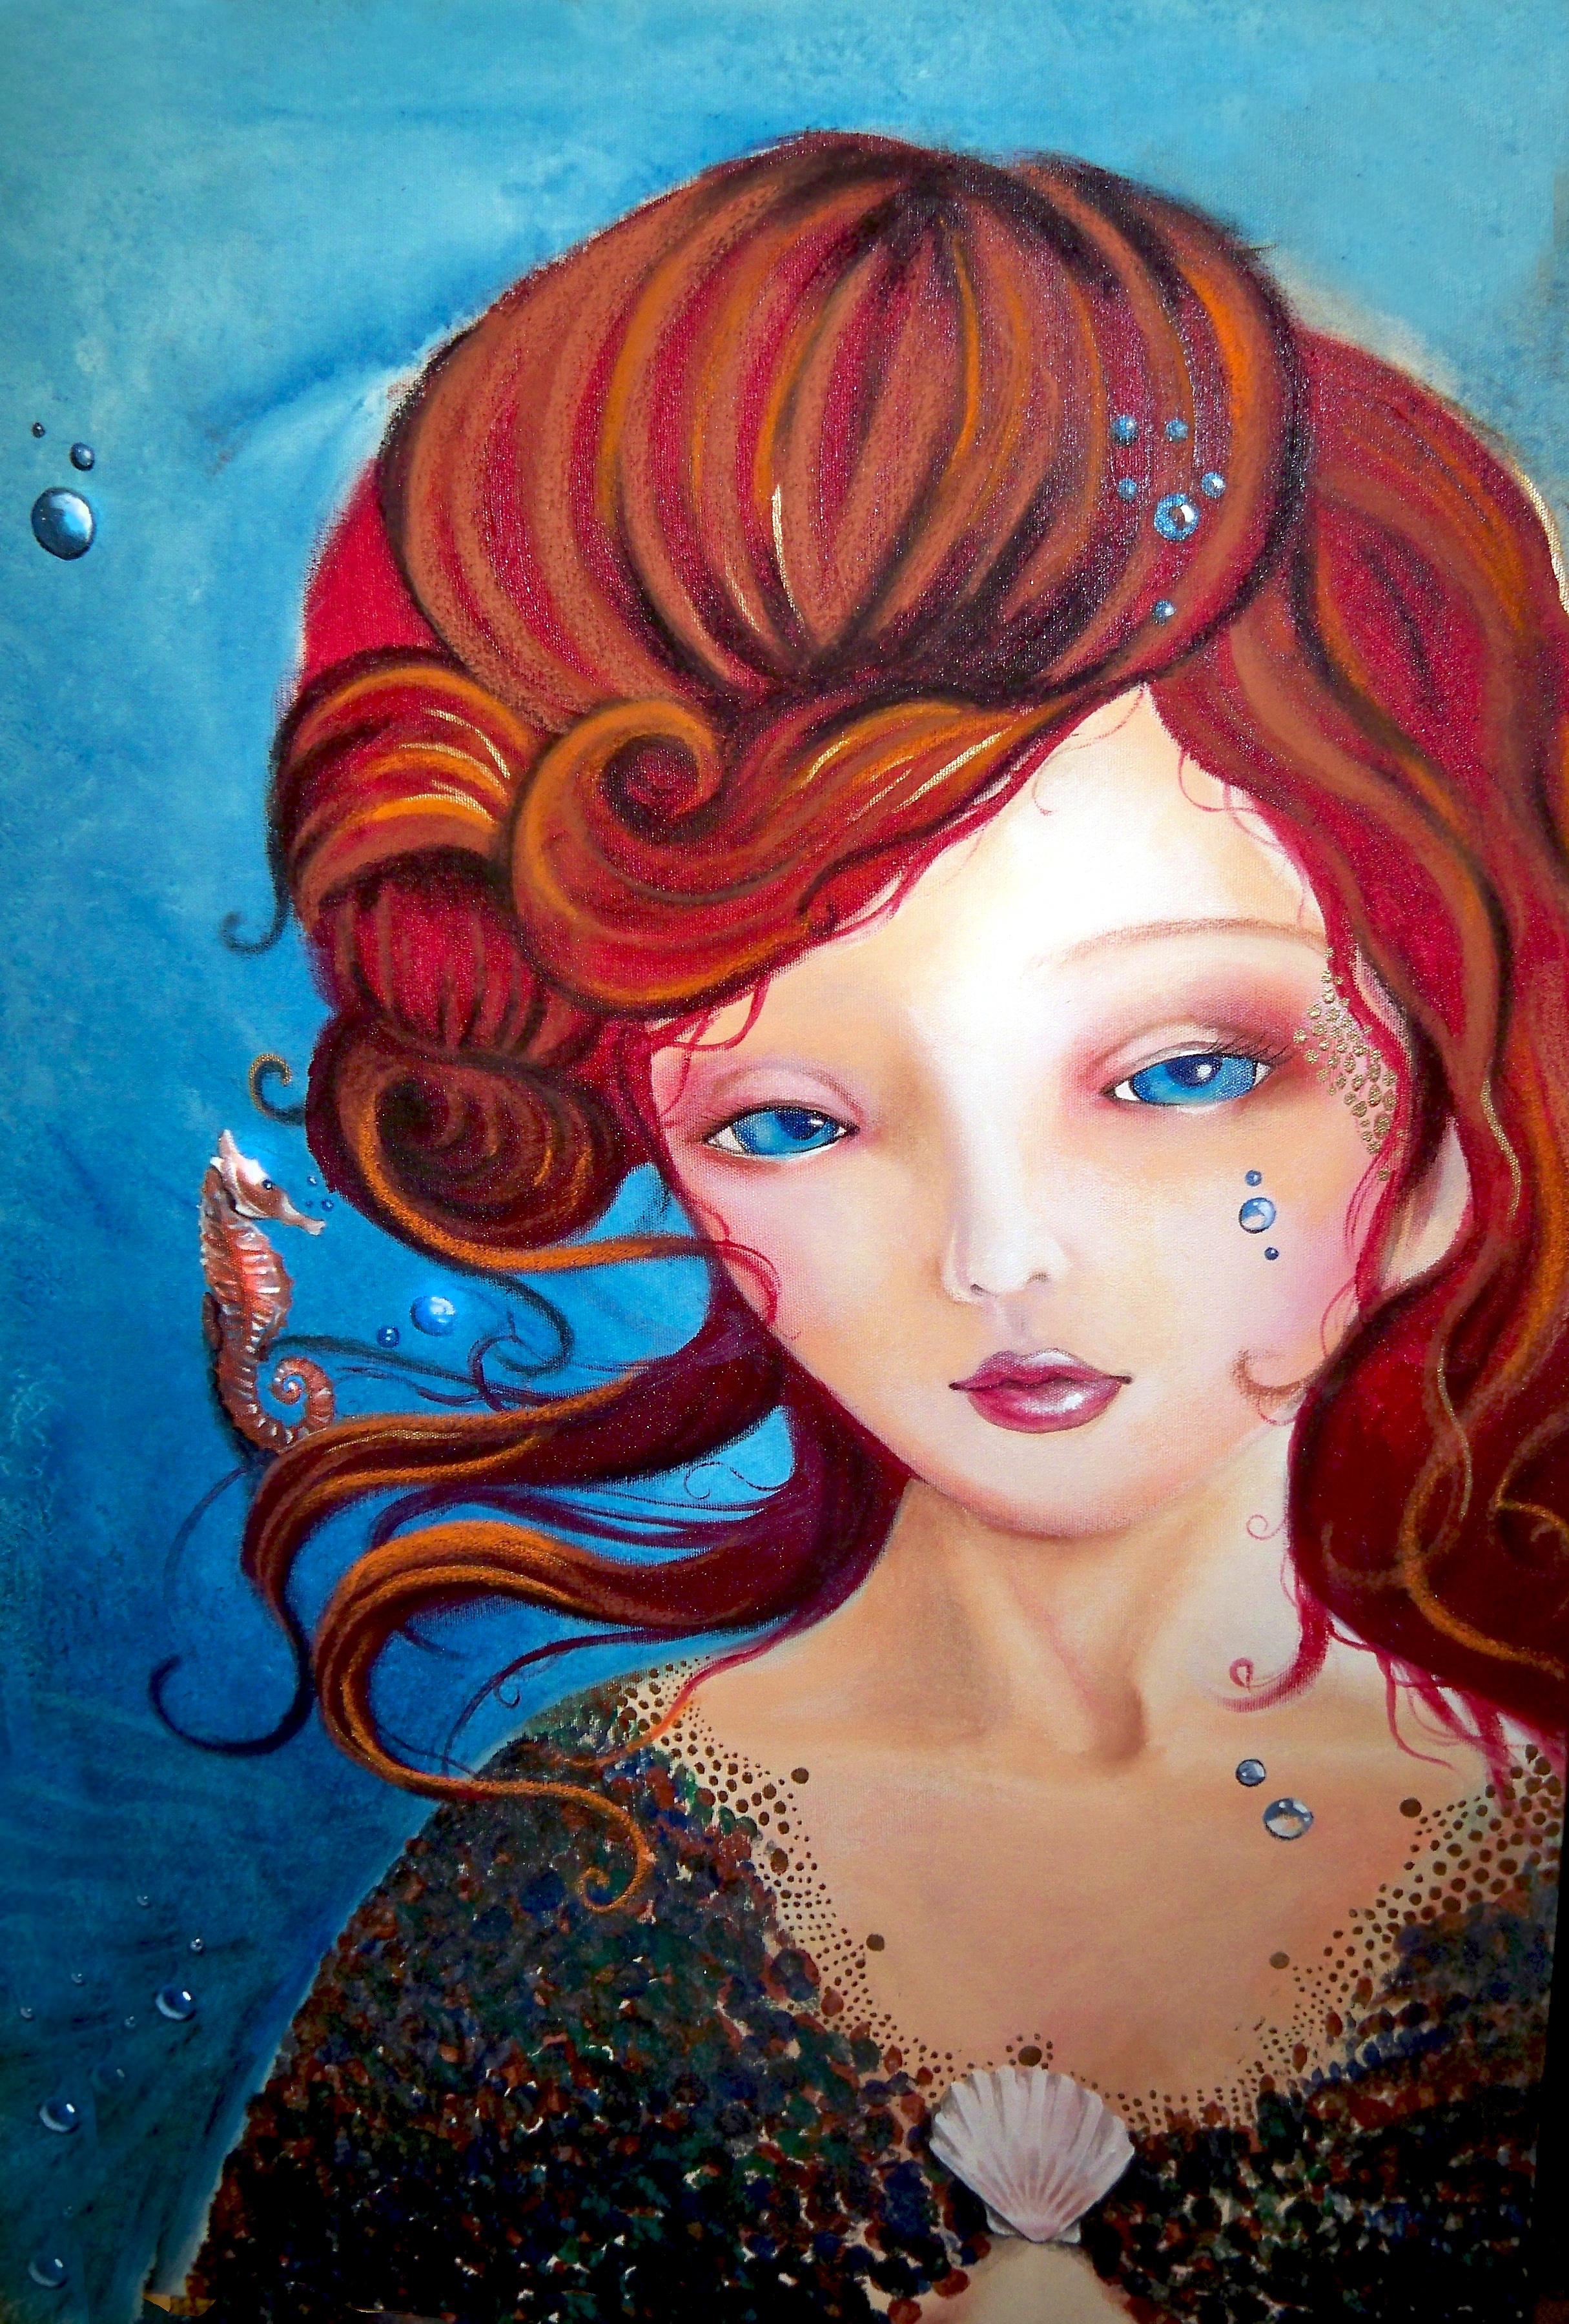 Mermaid Bust by grumphyfl